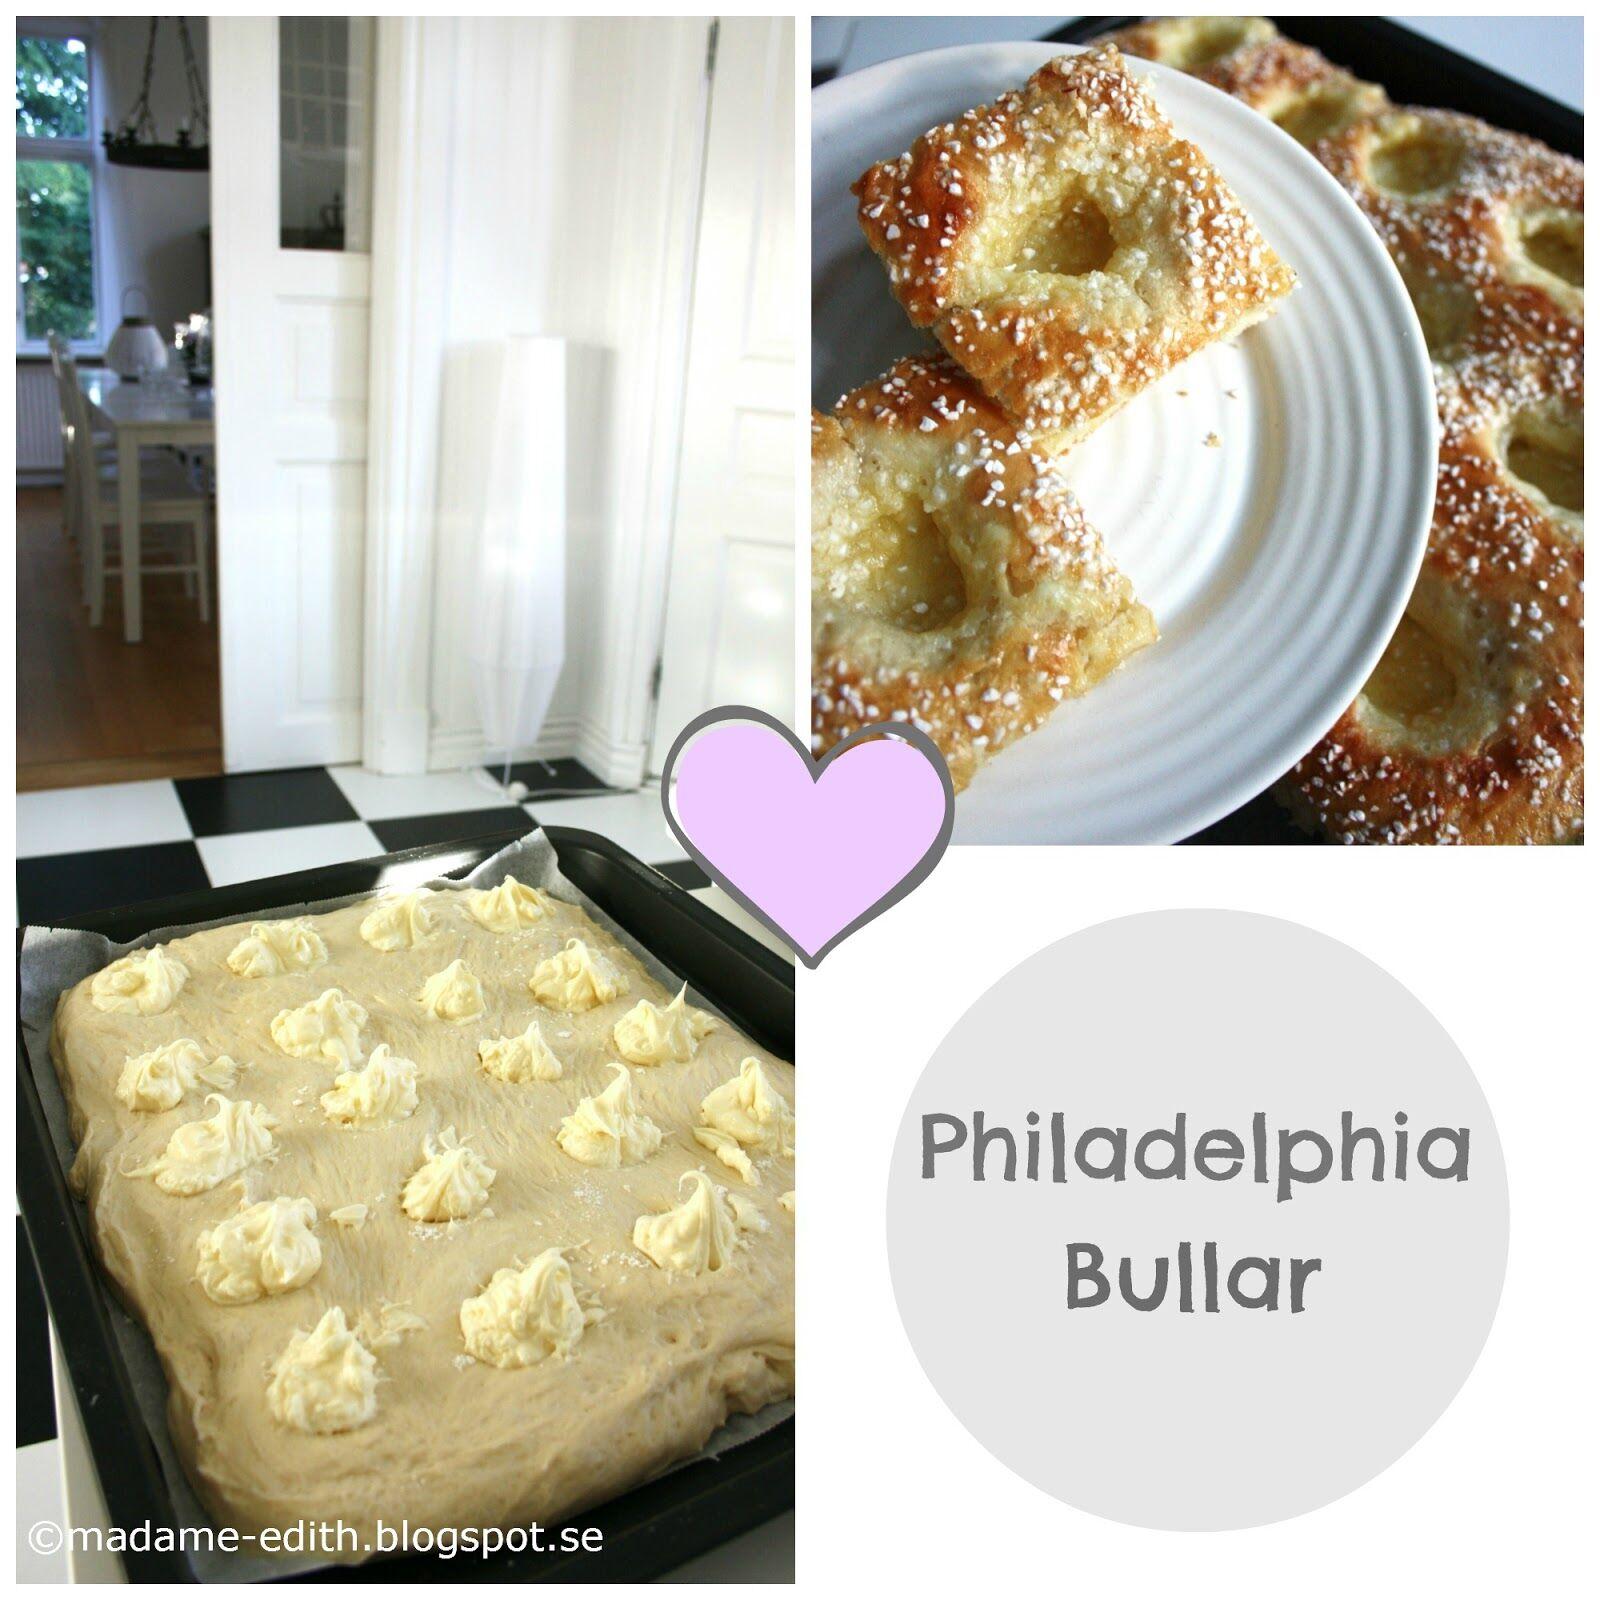 philadelphiabullar